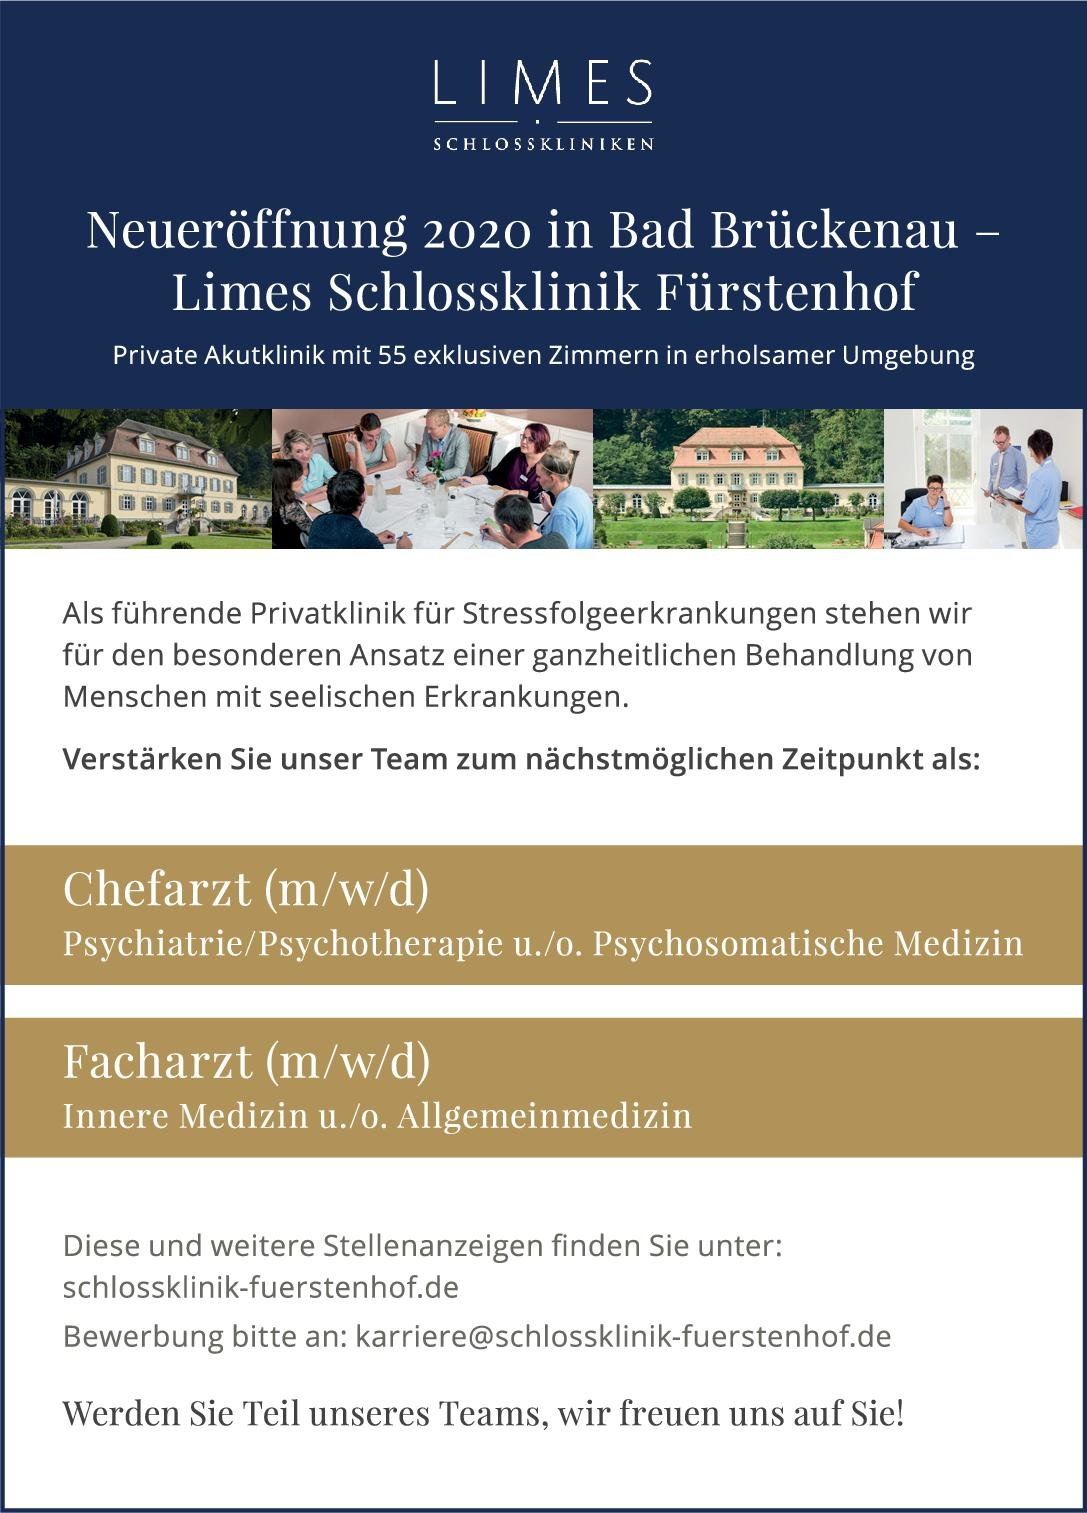 Limes Schlossklinik Fürstenhof Facharzt (m/w/d) Innere Medizin u./o. Allgemeinmedizin  Innere Medizin, Allgemeinmedizin, Innere Medizin Arzt / Facharzt